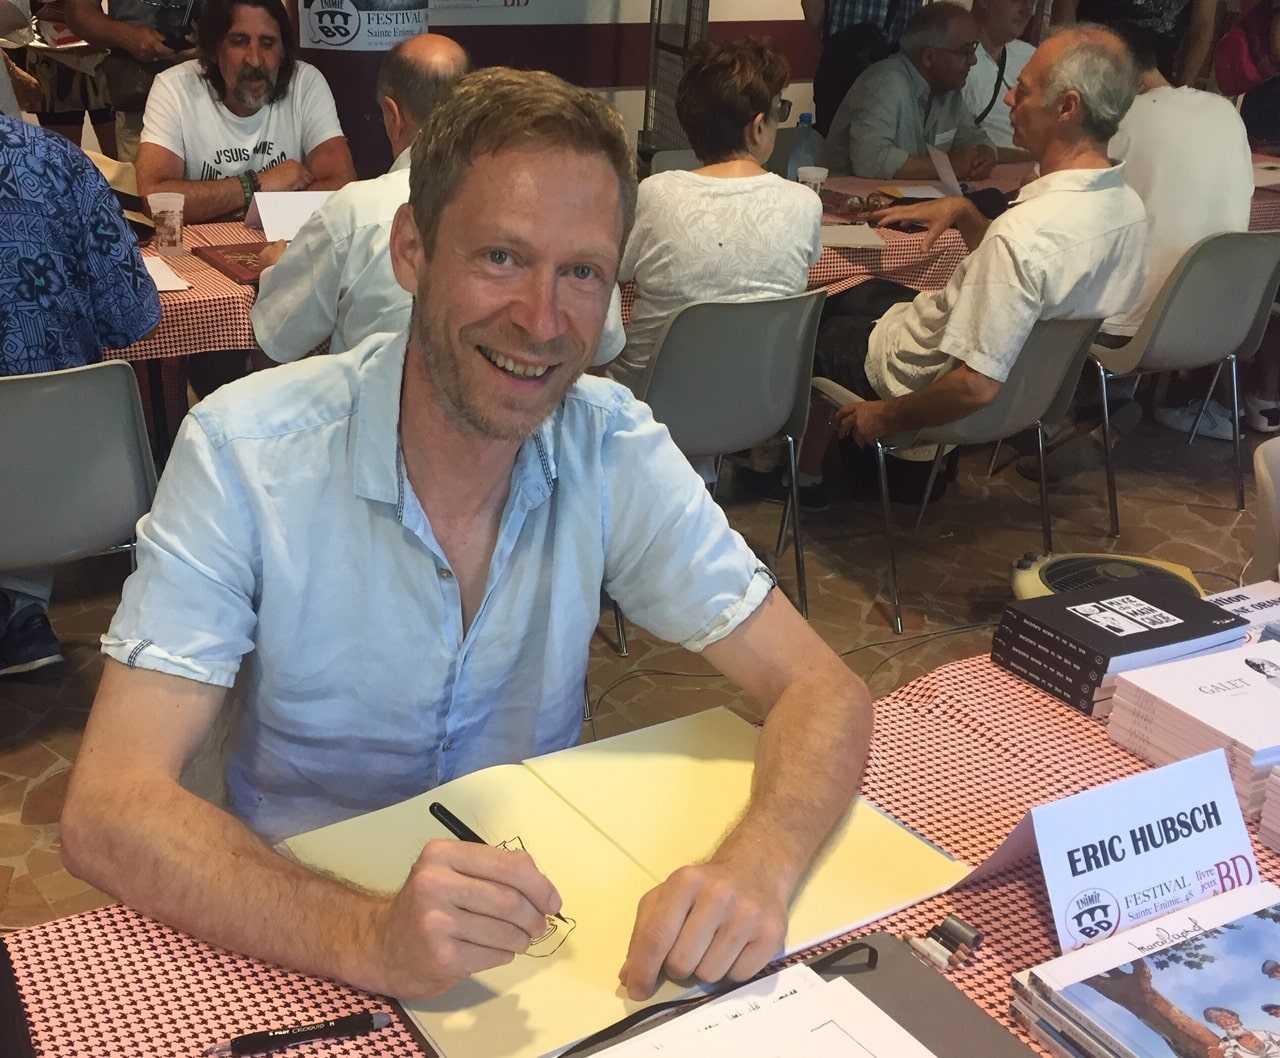 Eric Hubsch s'expose à Fabrègues dans le cadre du Festival BD 2019